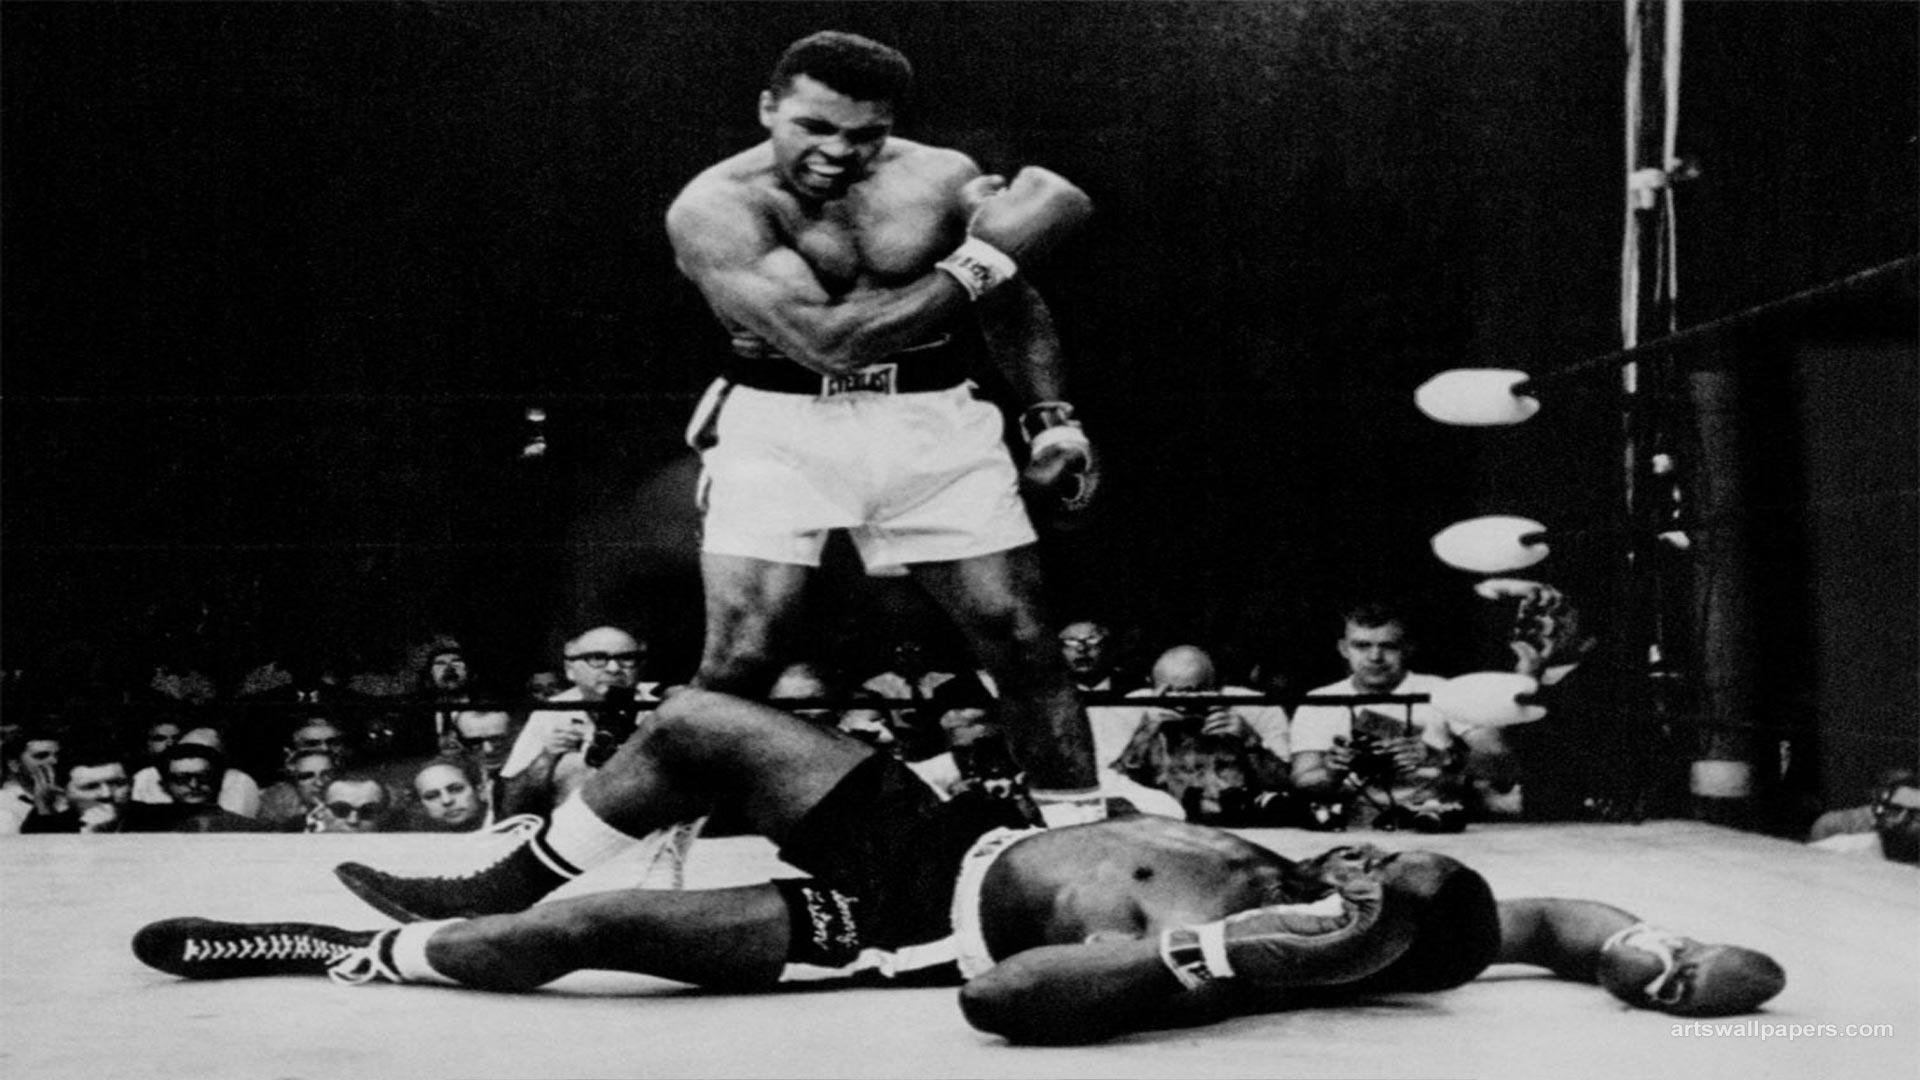 Muhammad Ali Wallpaper 1920x1080 39 1920x1080